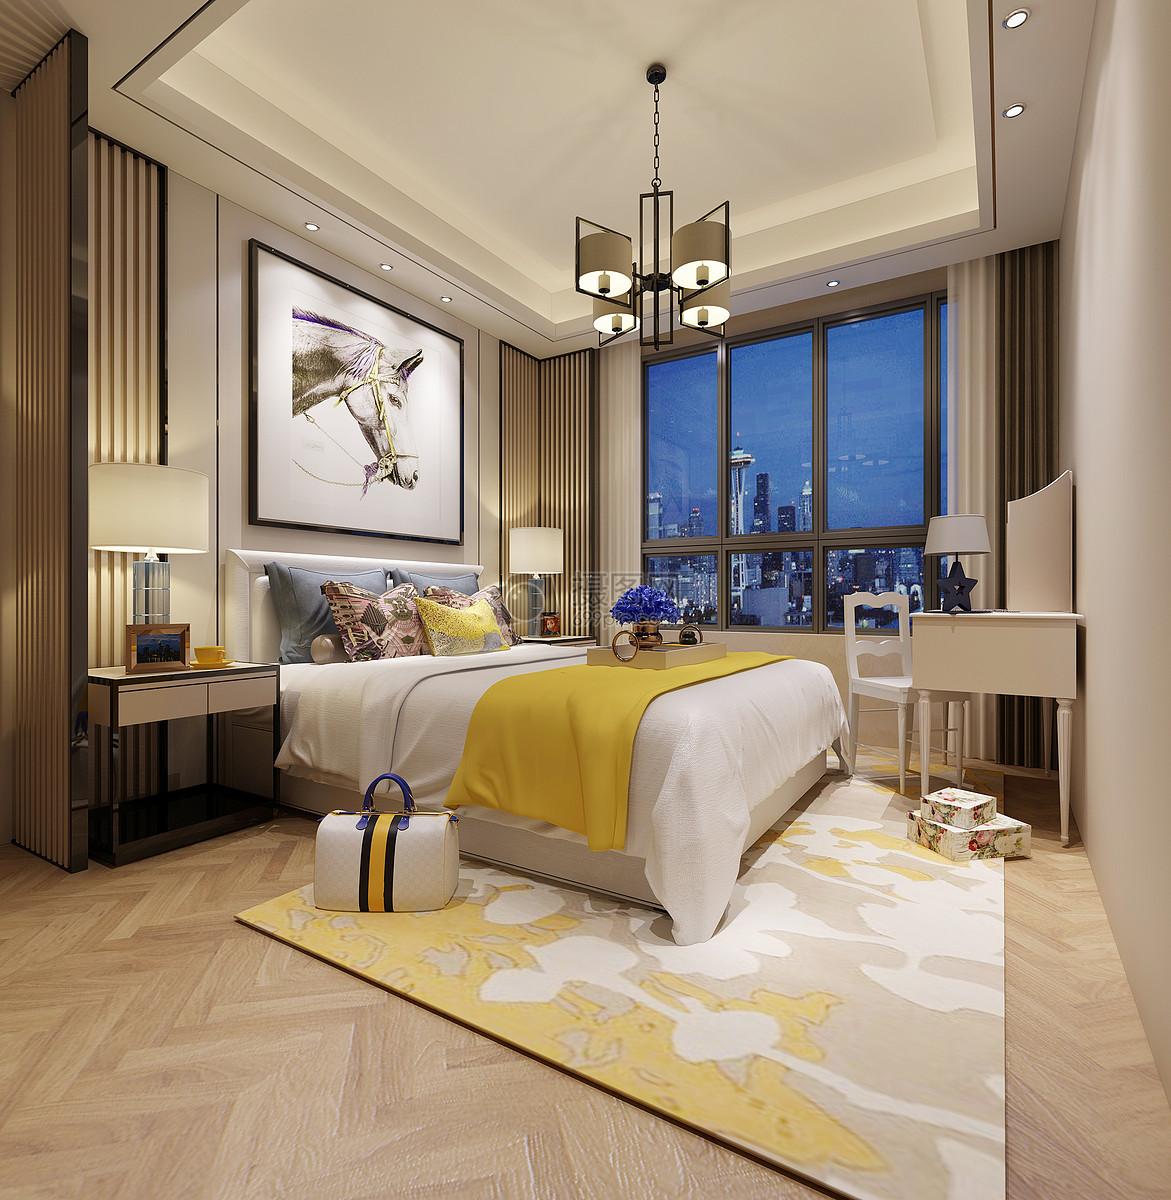 现代卧室效果图摄影图片免费下载_室内设计图库大全